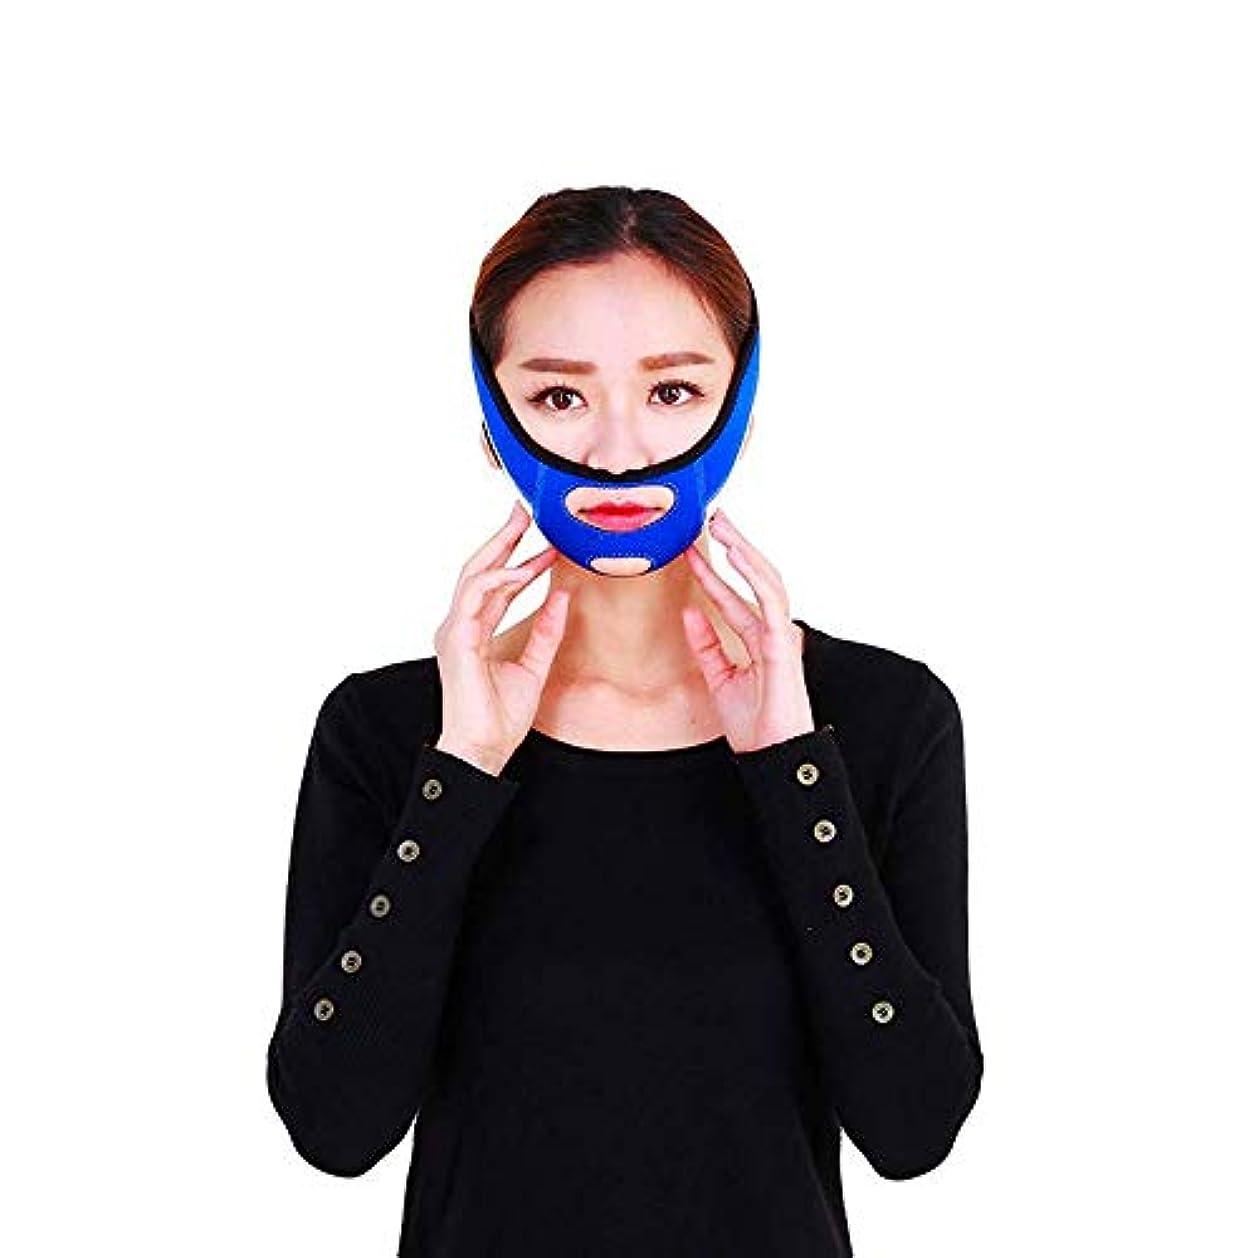 散髪密度エレベーター二重顎顔面矯正ツールであるフェースシェイプドマスクVfaceアーチファクトを強力に強化する包帯